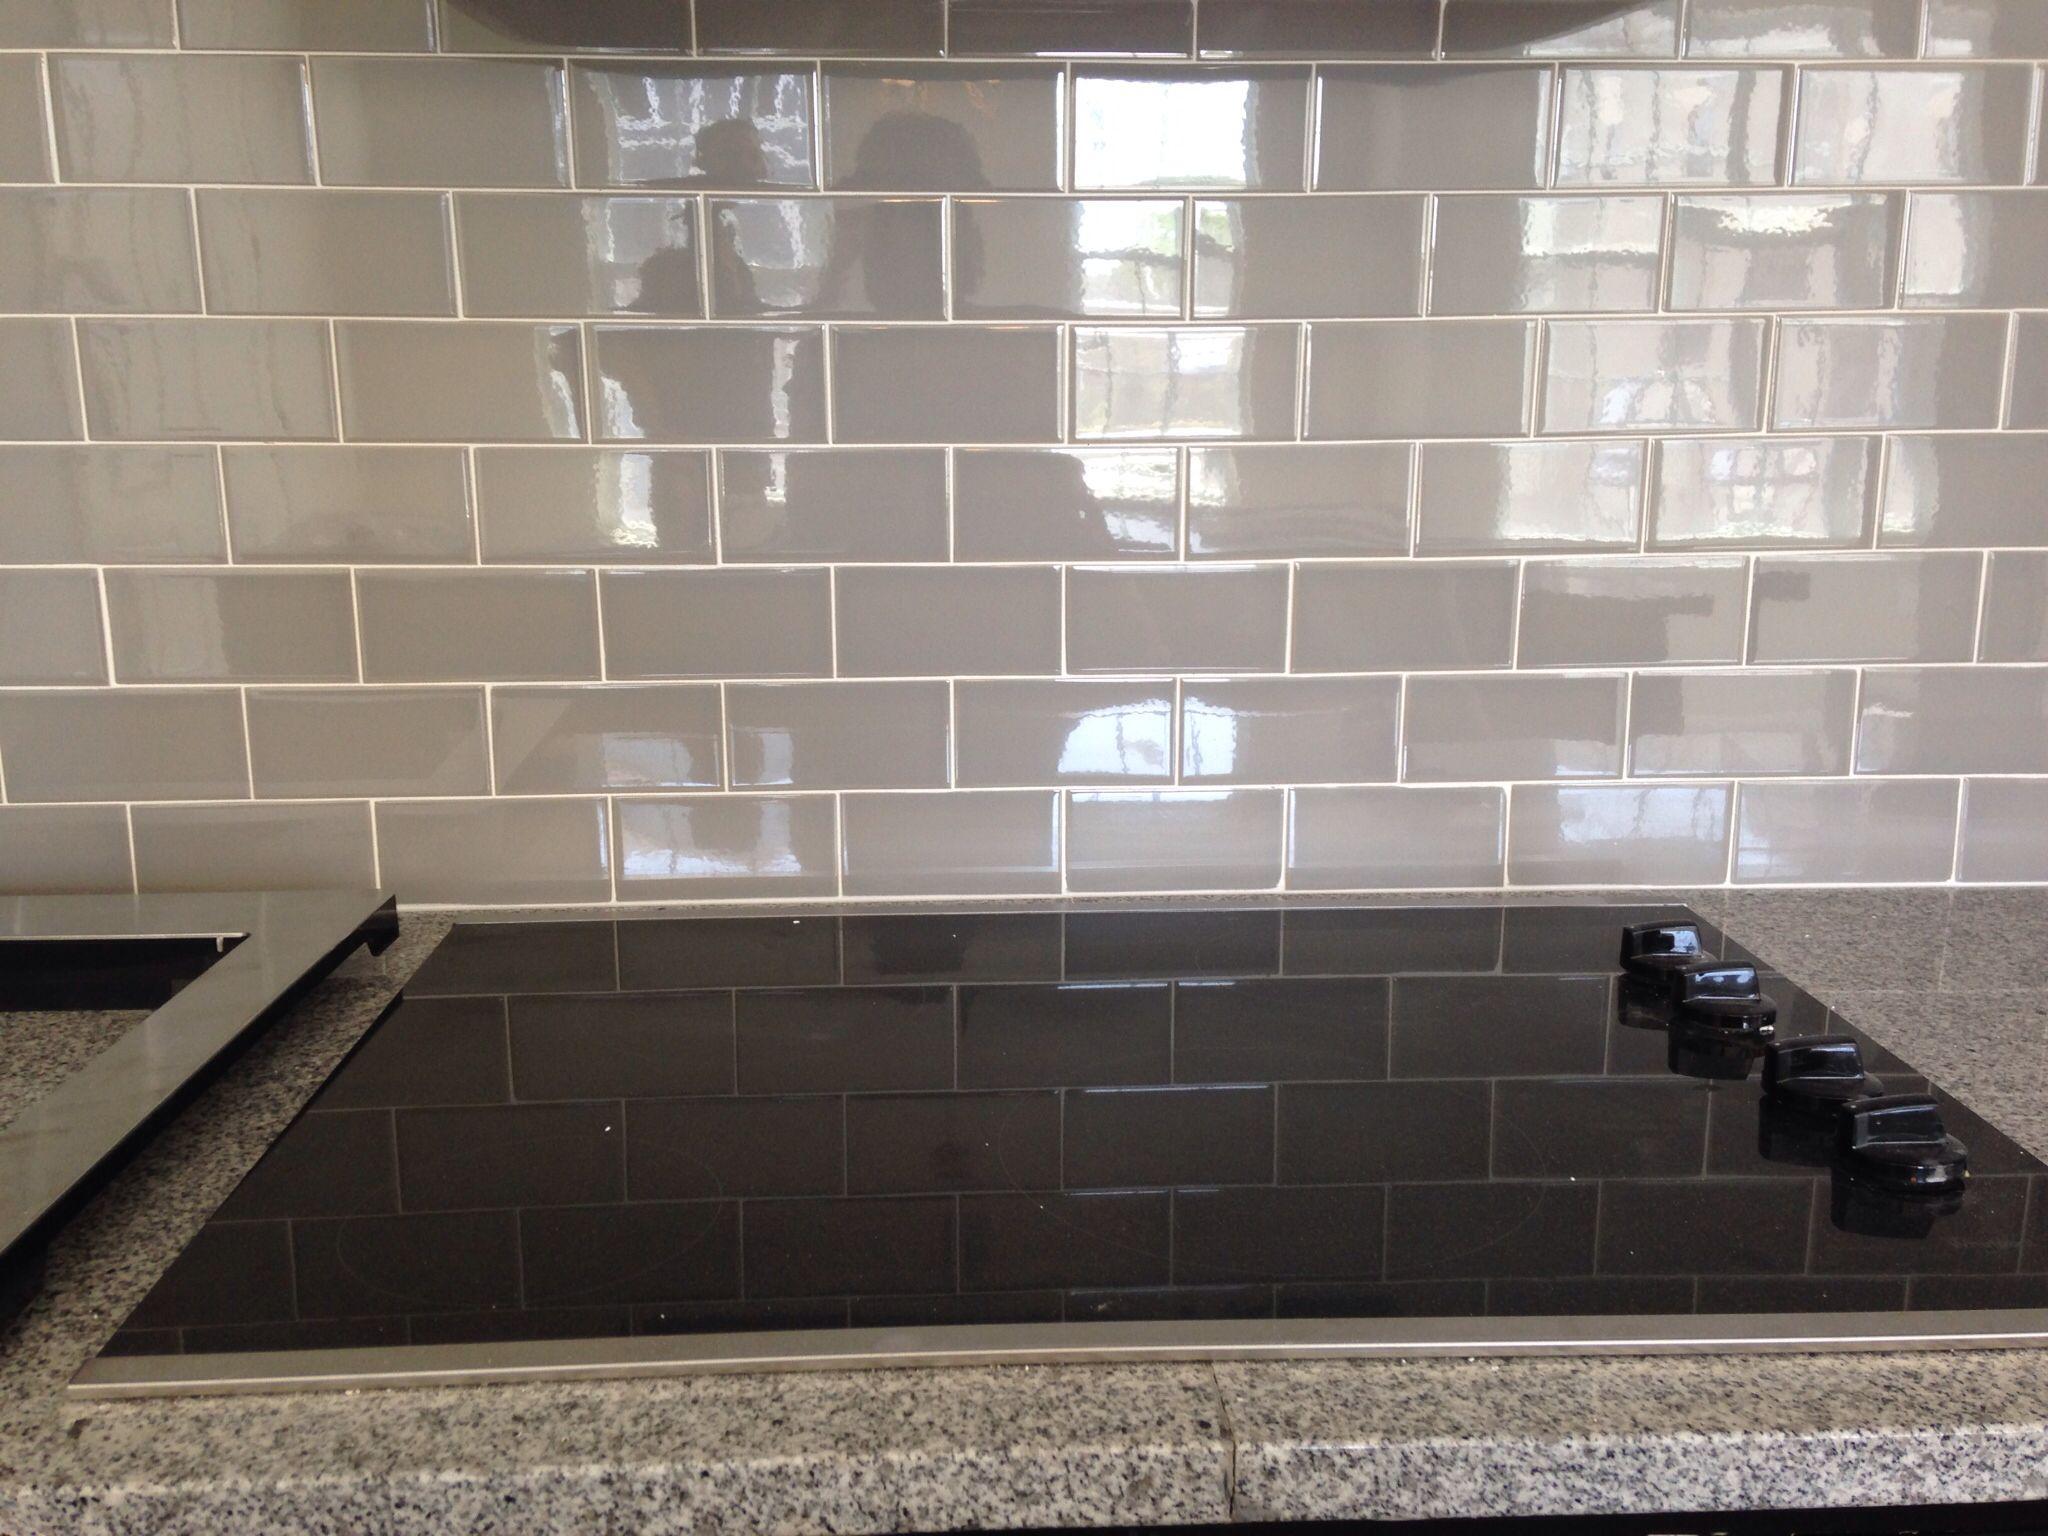 Grey subway tile backsplash  New house  Glass subway